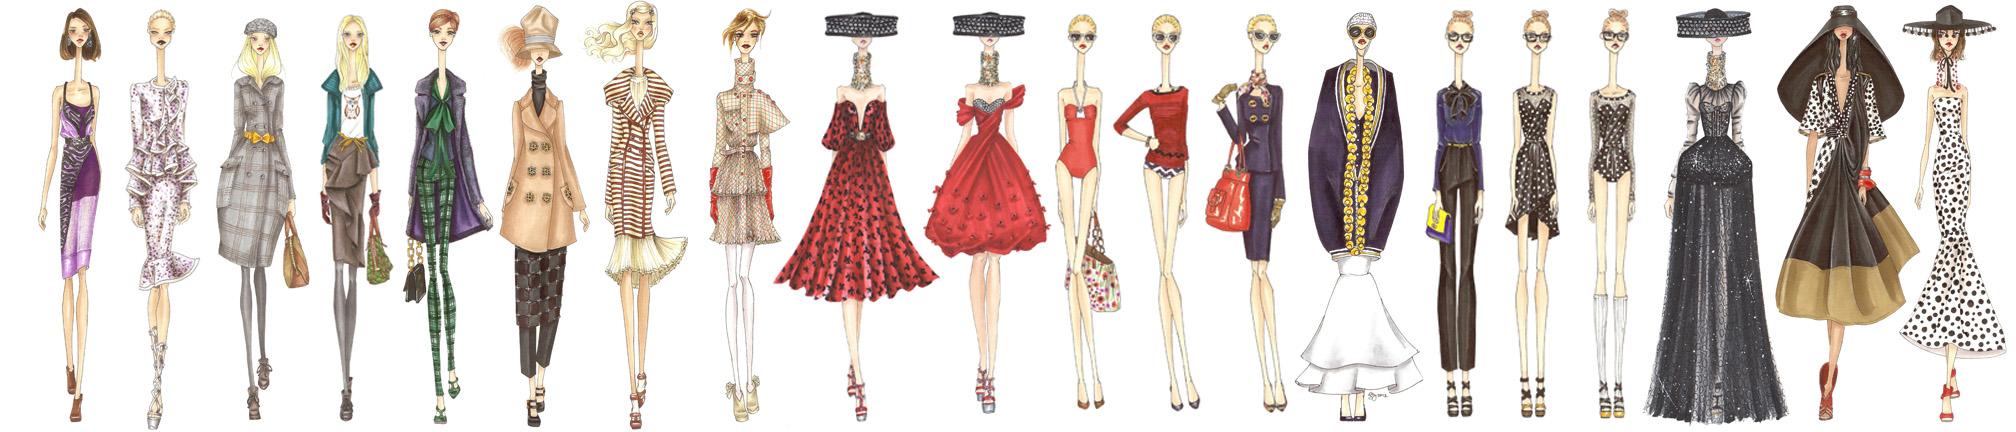 Vogue VignetteSwan Necks in a Row.jpg